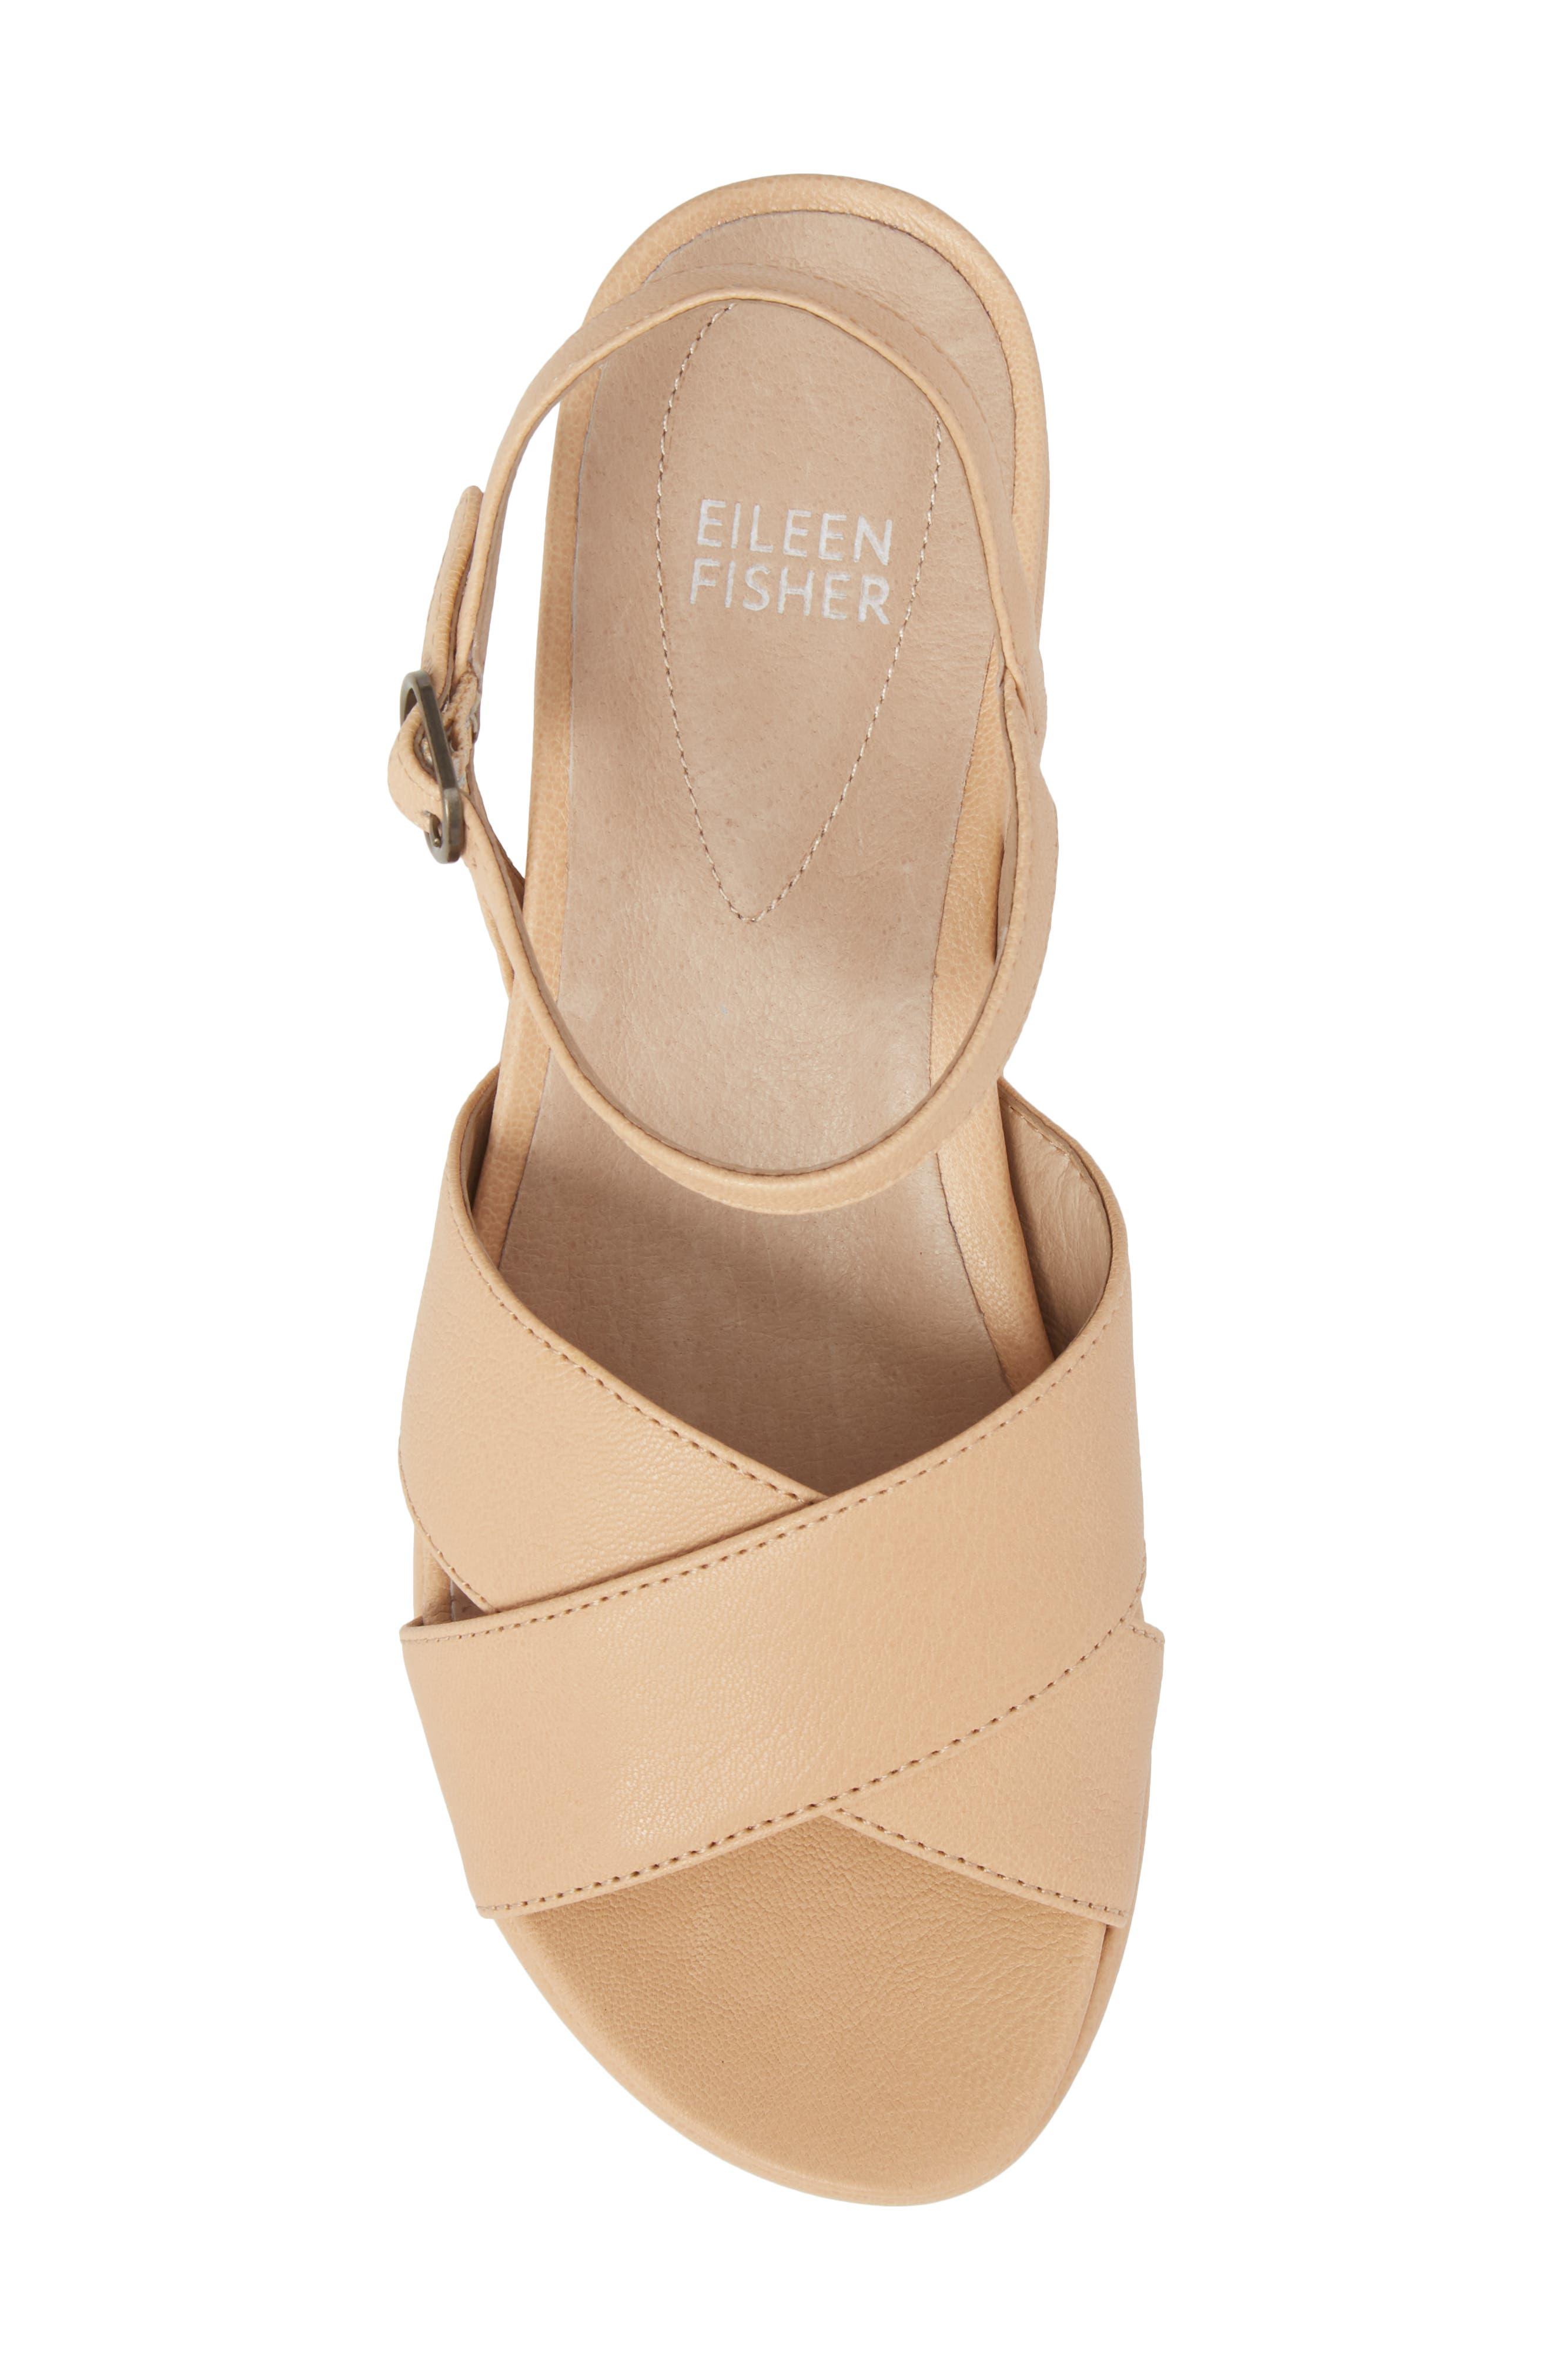 Juno Platform Sandal,                             Alternate thumbnail 5, color,                             Desert Leather